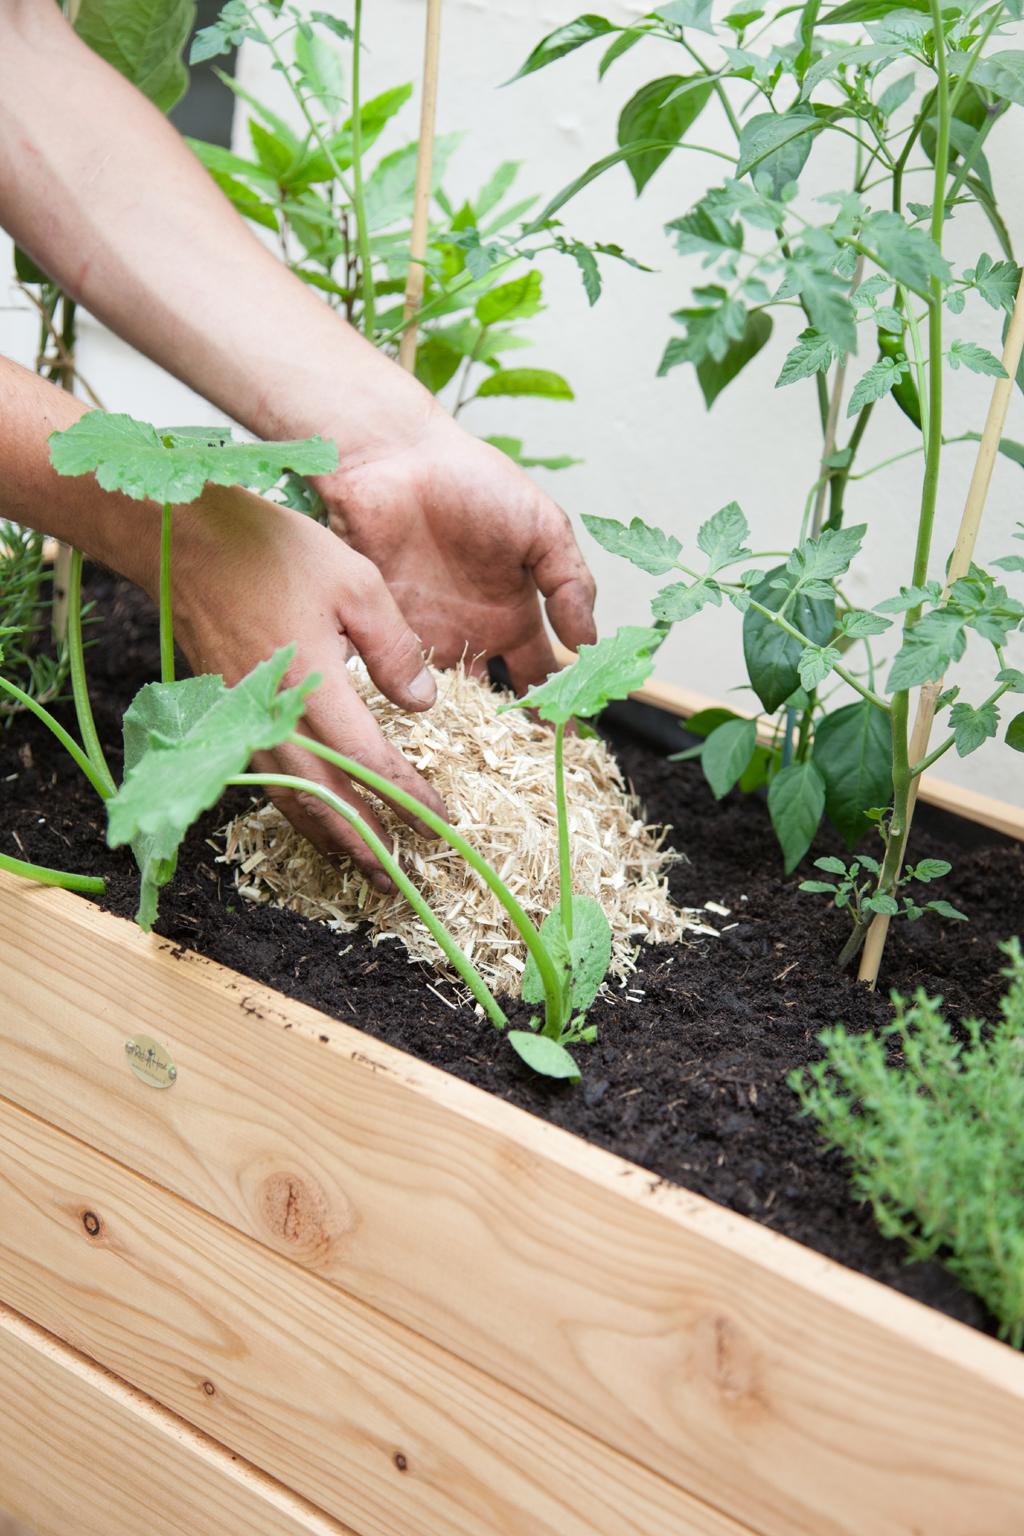 Composer un potager avec les legumes de la ratatouille